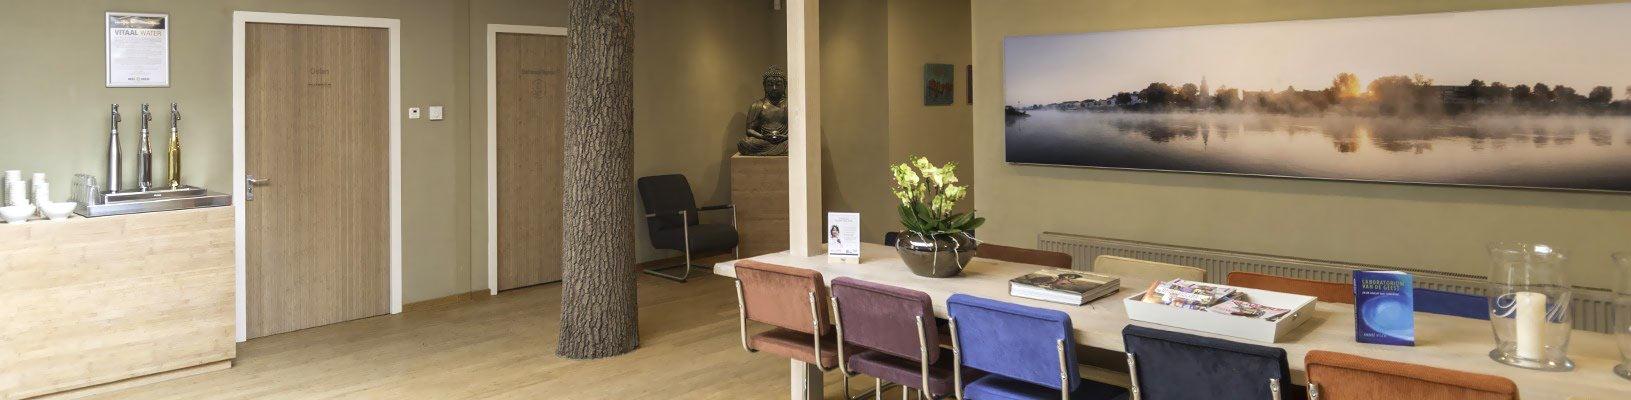 HeelHuus Gezondheidscentrum Warnsveld Zutphen